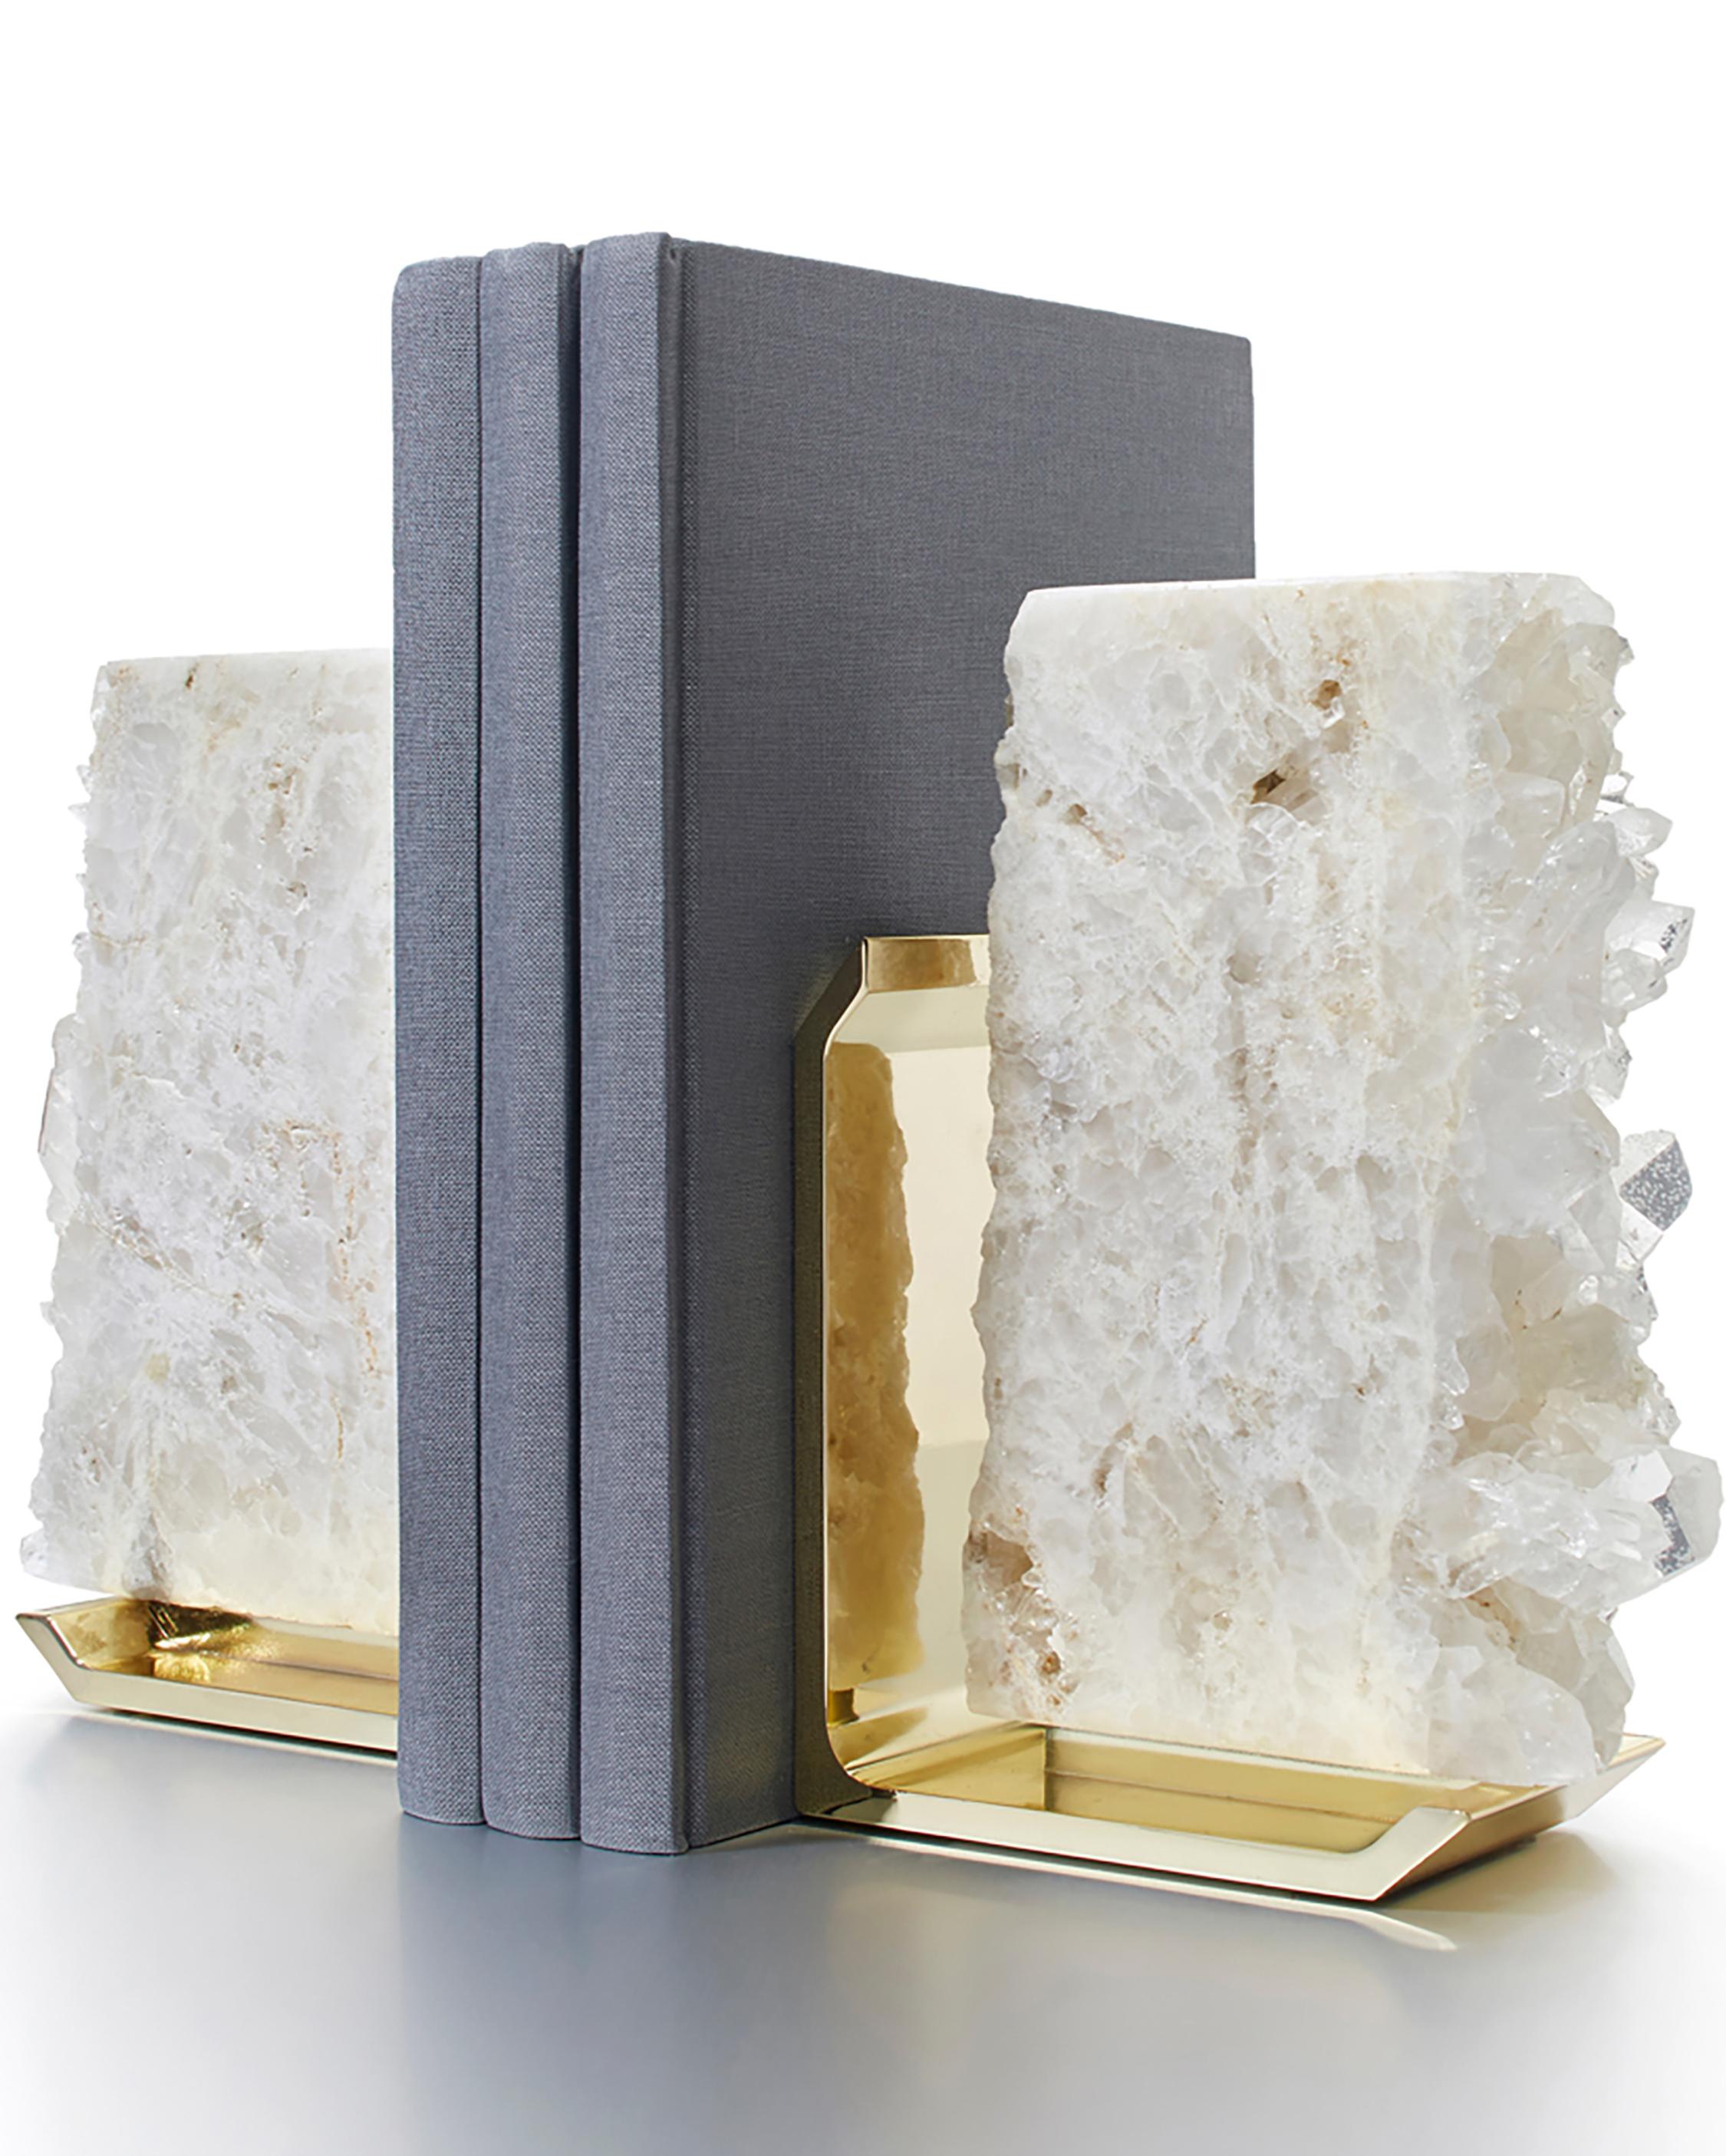 ANNA New York FIM Crystal Quartz Bookends 0